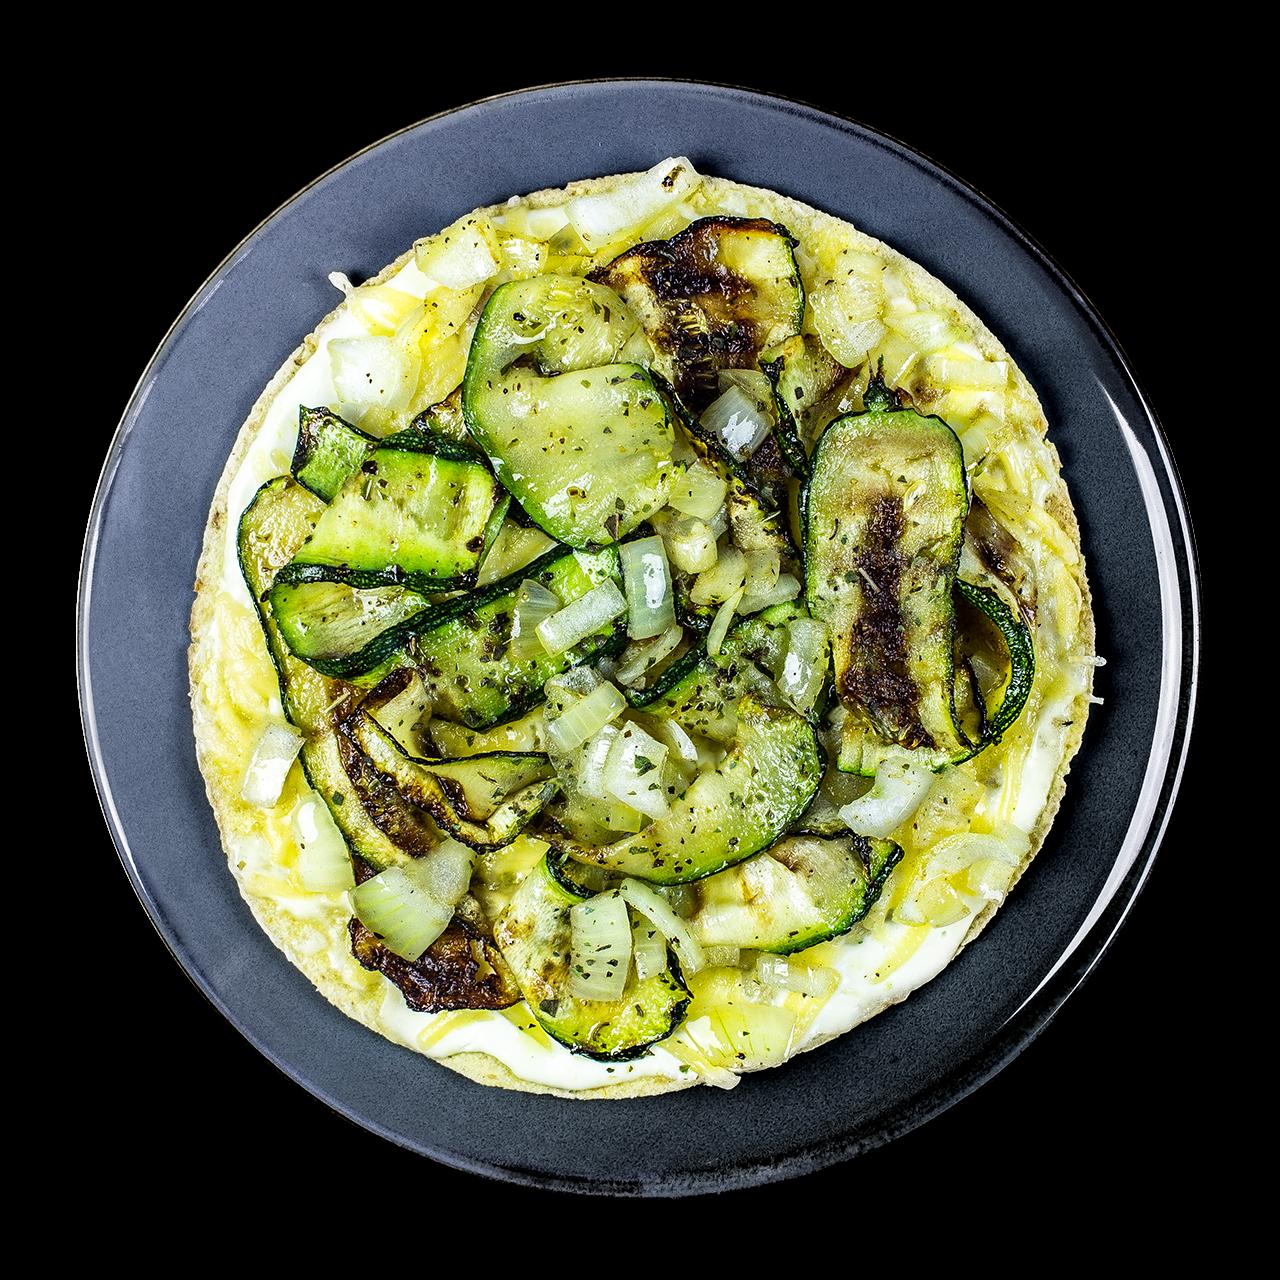 tostibanaan-pan-tortizza-courgette